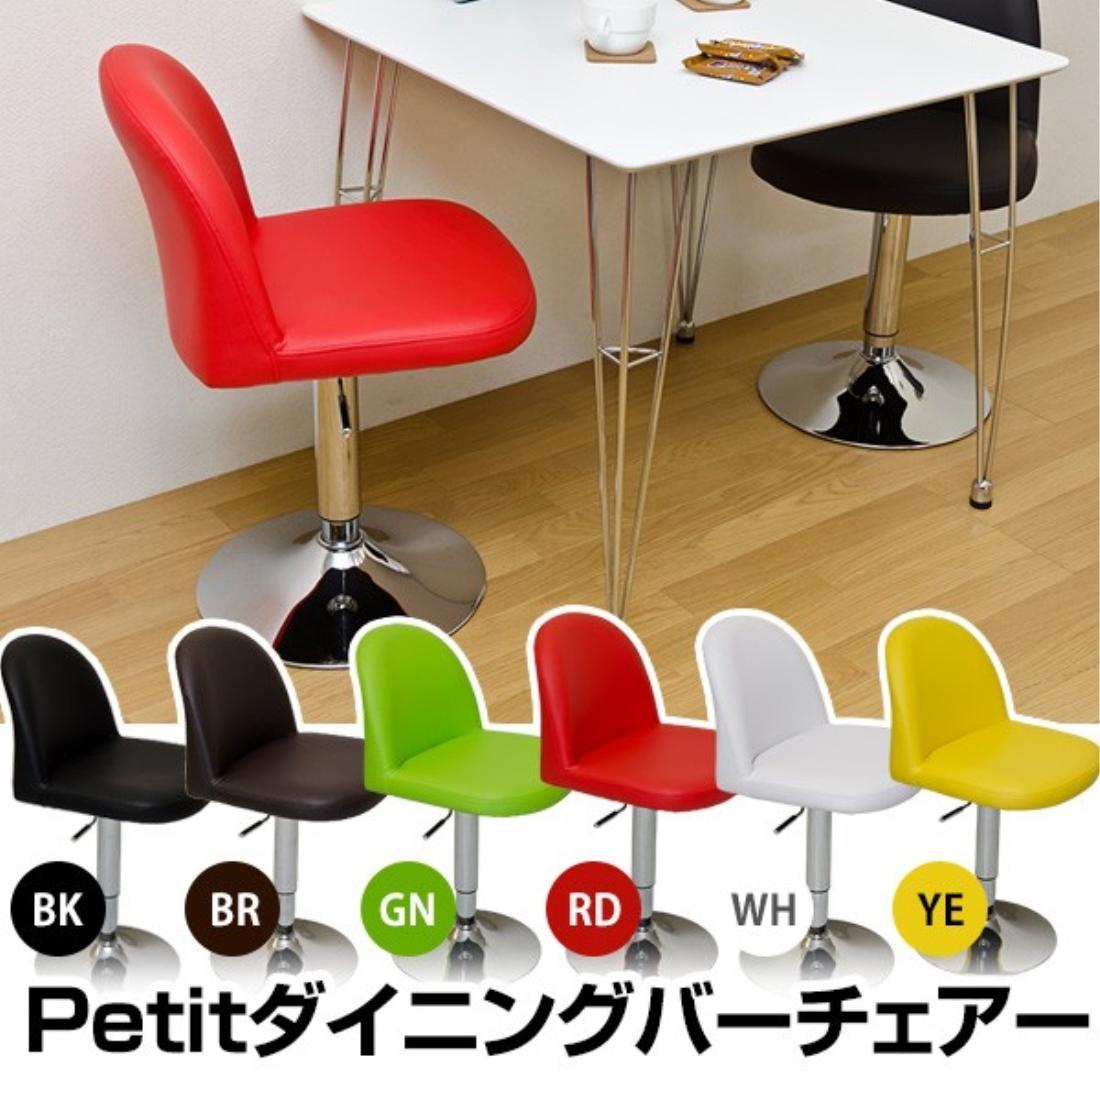 インテリア 家具 チェアー 椅子 Petit ダイニングバーチェア